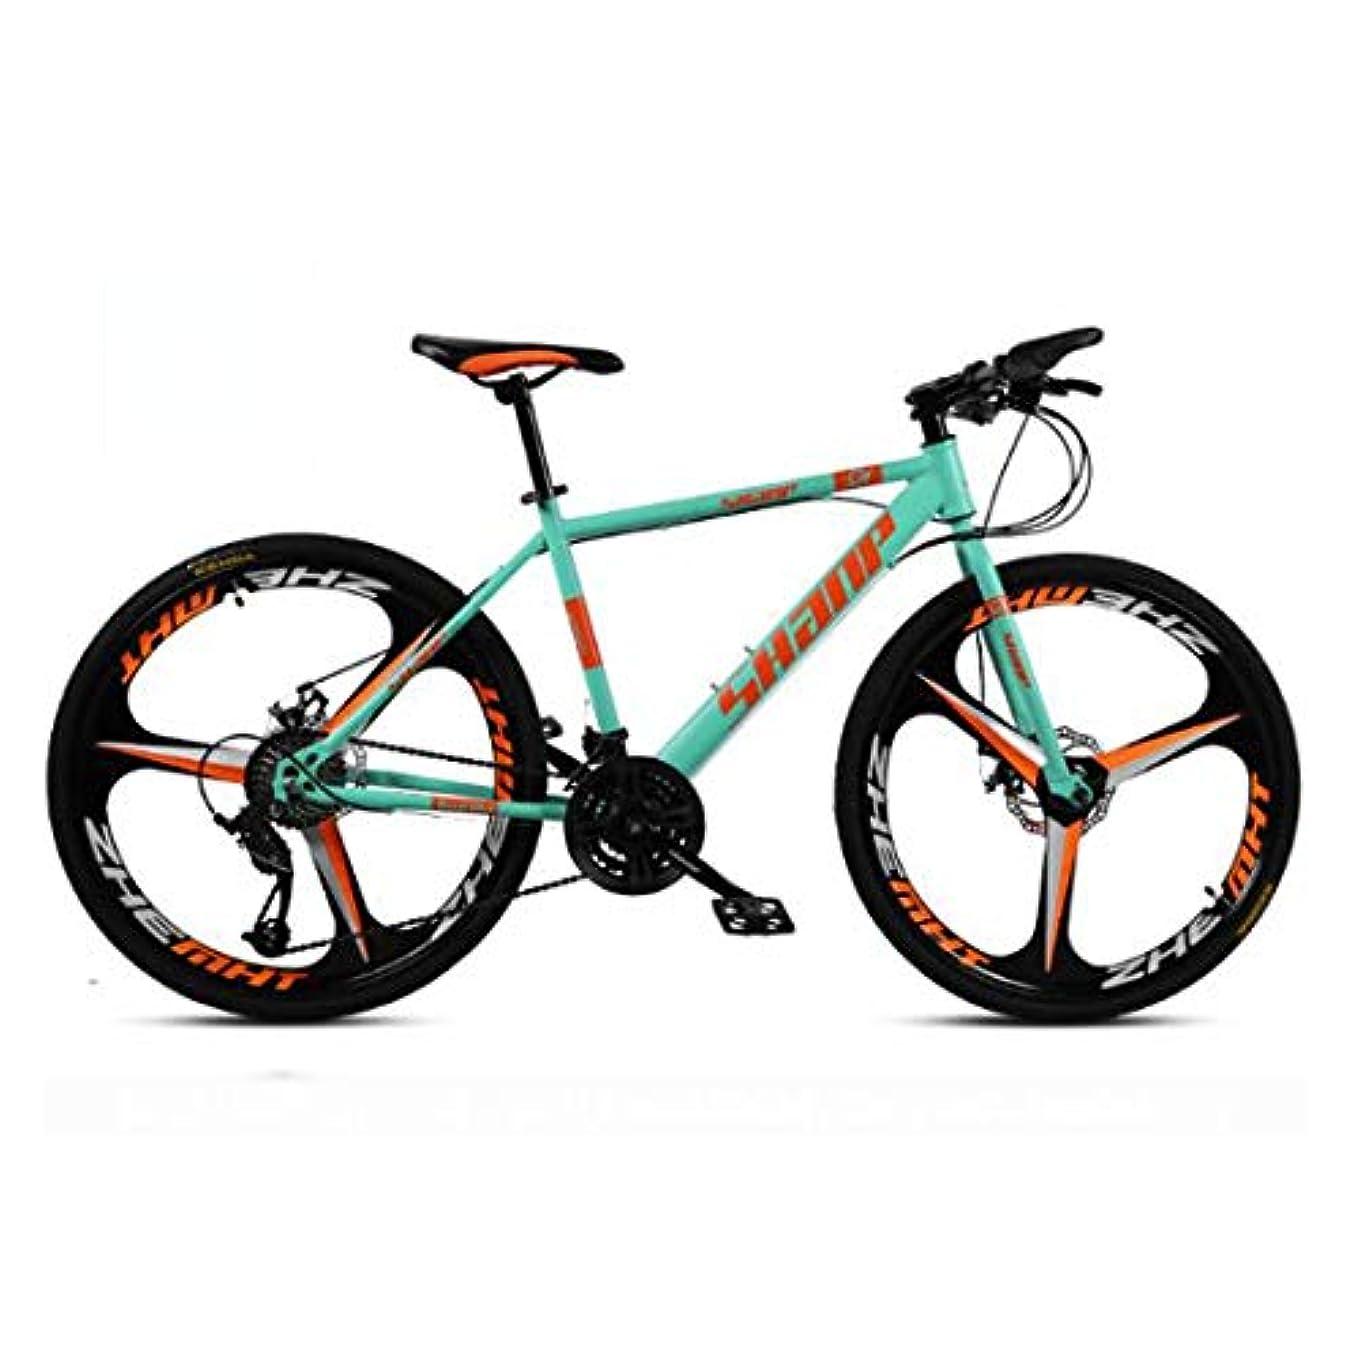 口述する青うま61.5インチのマウンテンバイク21スピード/ 24速度/ 27速度/ 30スピードマウンテンバイク24インチホイール自転車、ブラック、ホワイト、レッド、イエロー、グリーン,D1,27